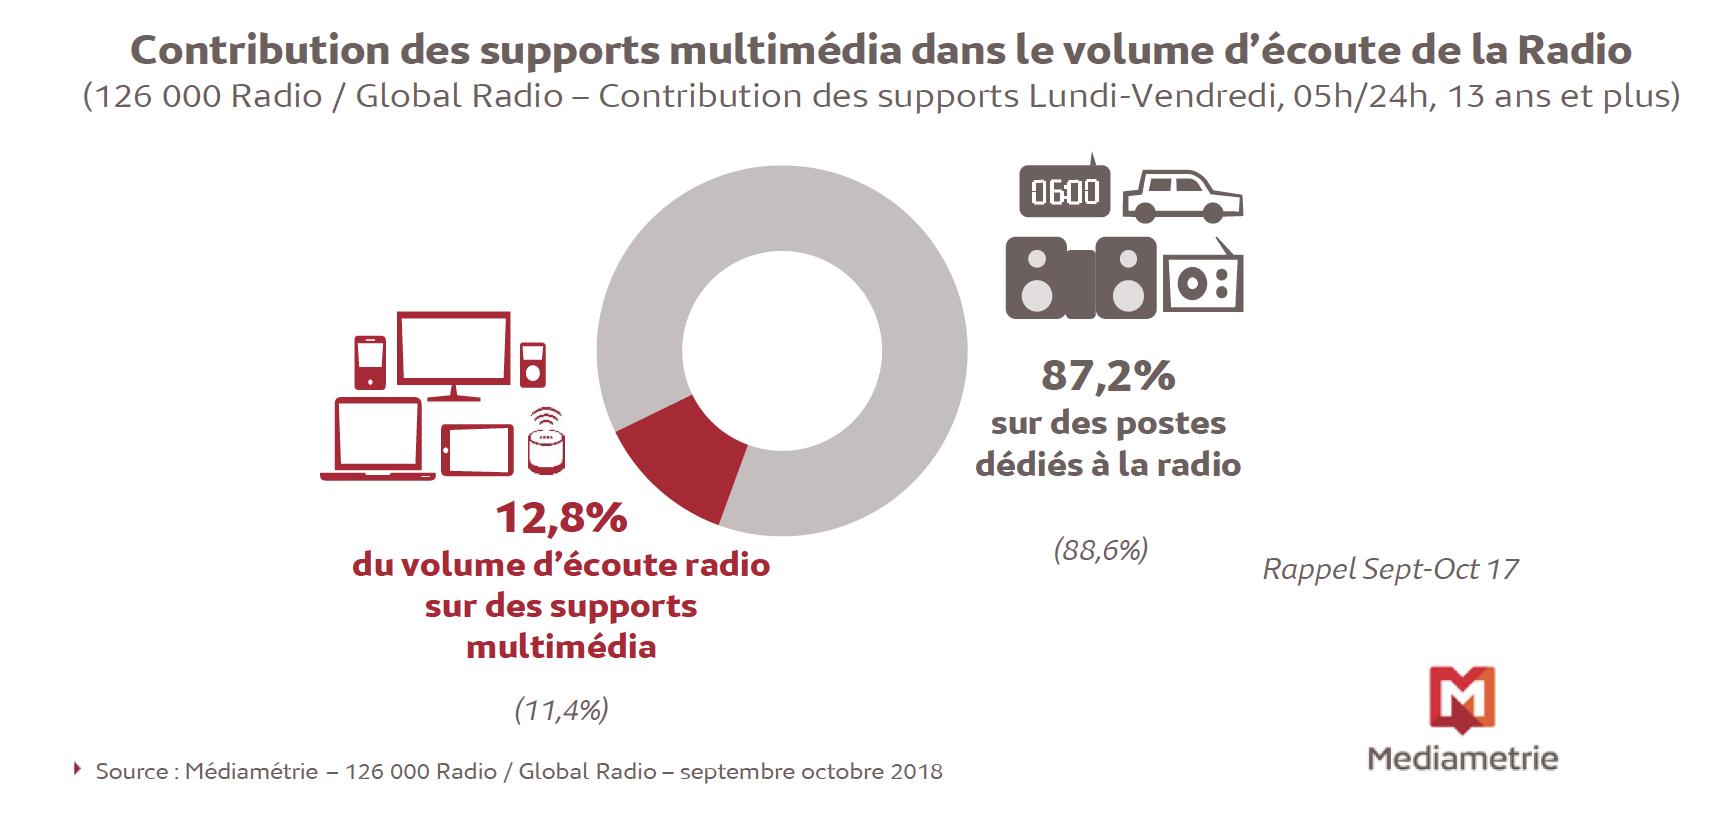 Chaque jour, 6.7 millions de personnes écoutent la radio sur les supports multimédia